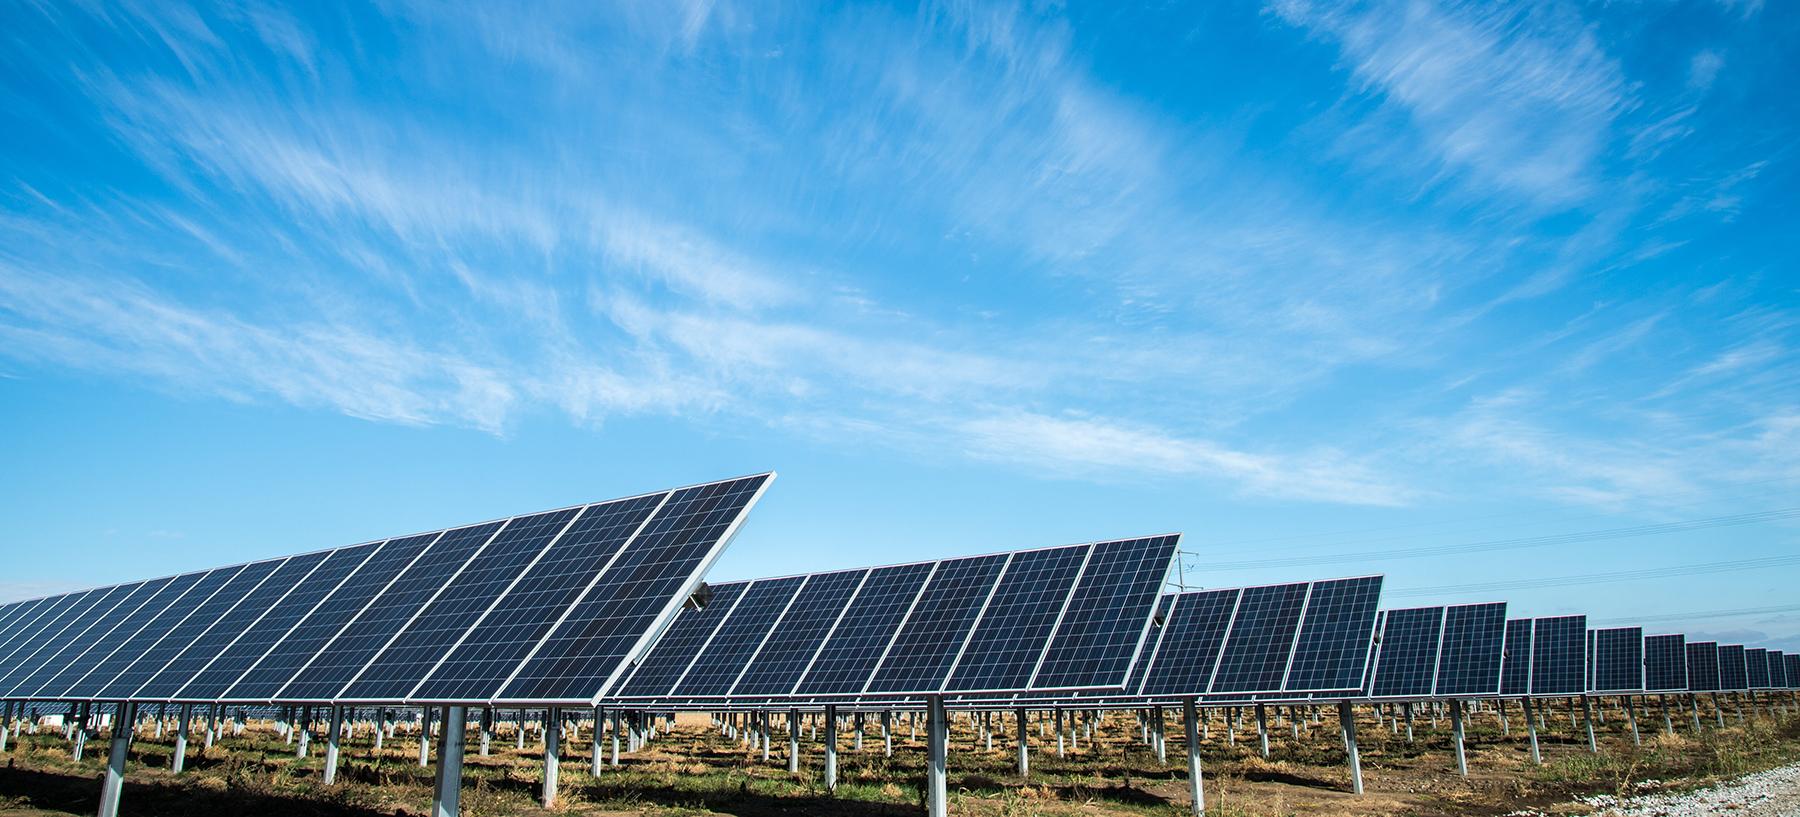 blog - aanschaffen zonnepanelen